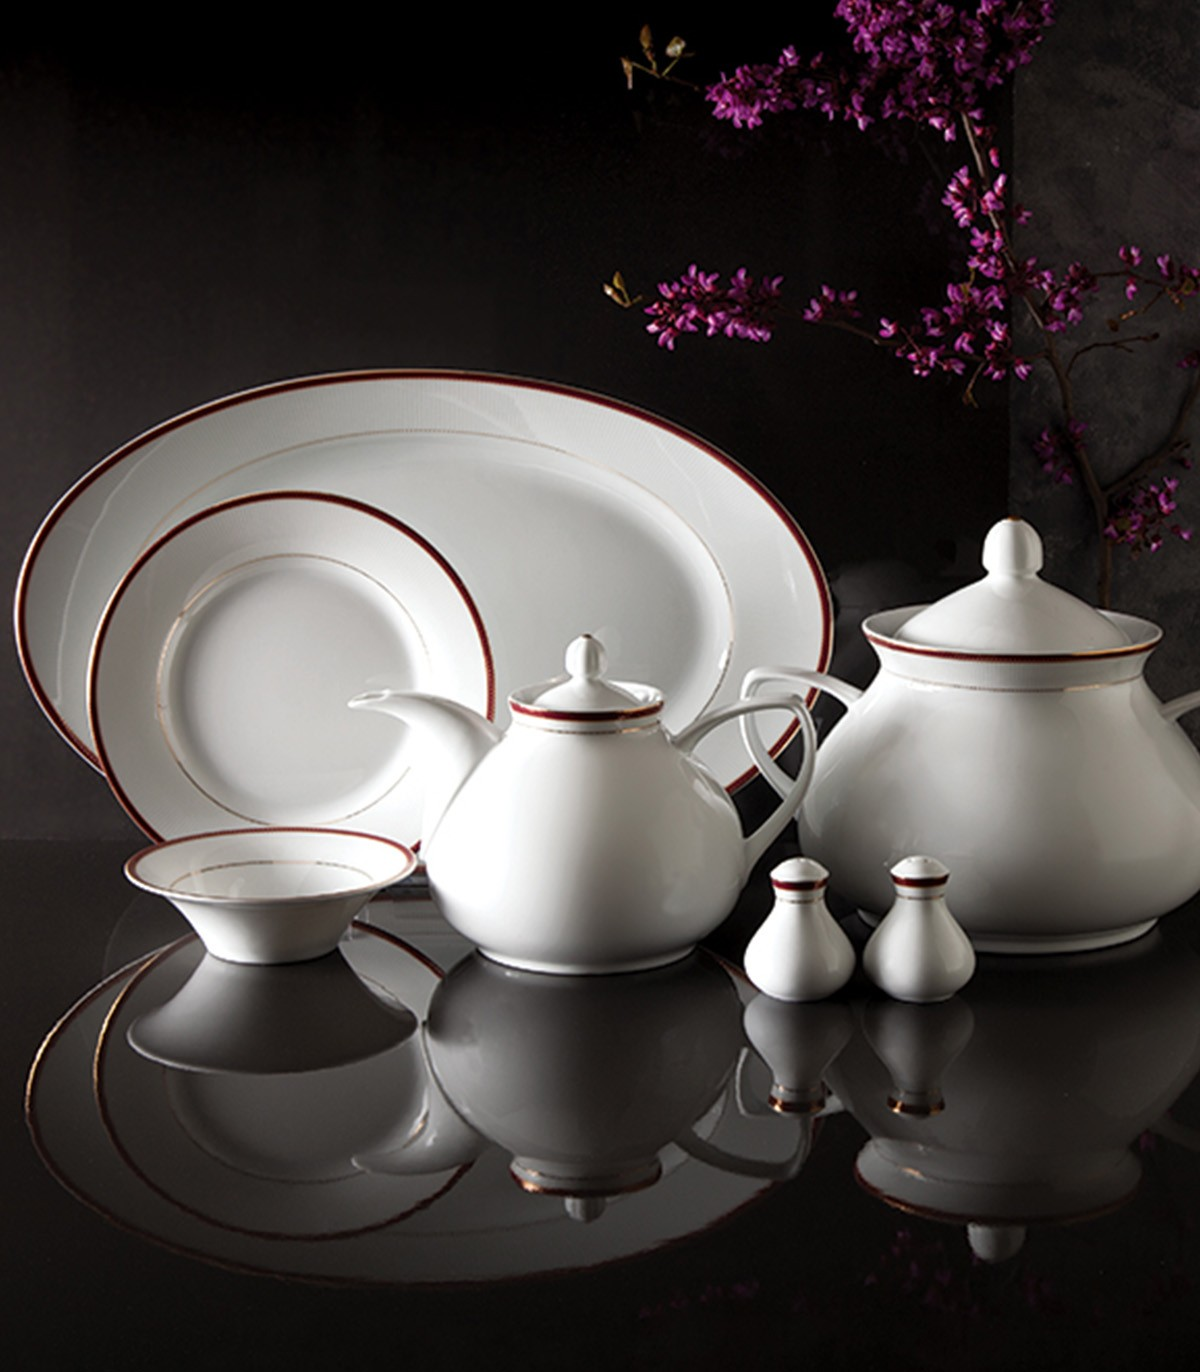 فروش سرویس چینی غذاخوری زرین 6 نفره مدل سپینود ارغوانی سری شهرزاد